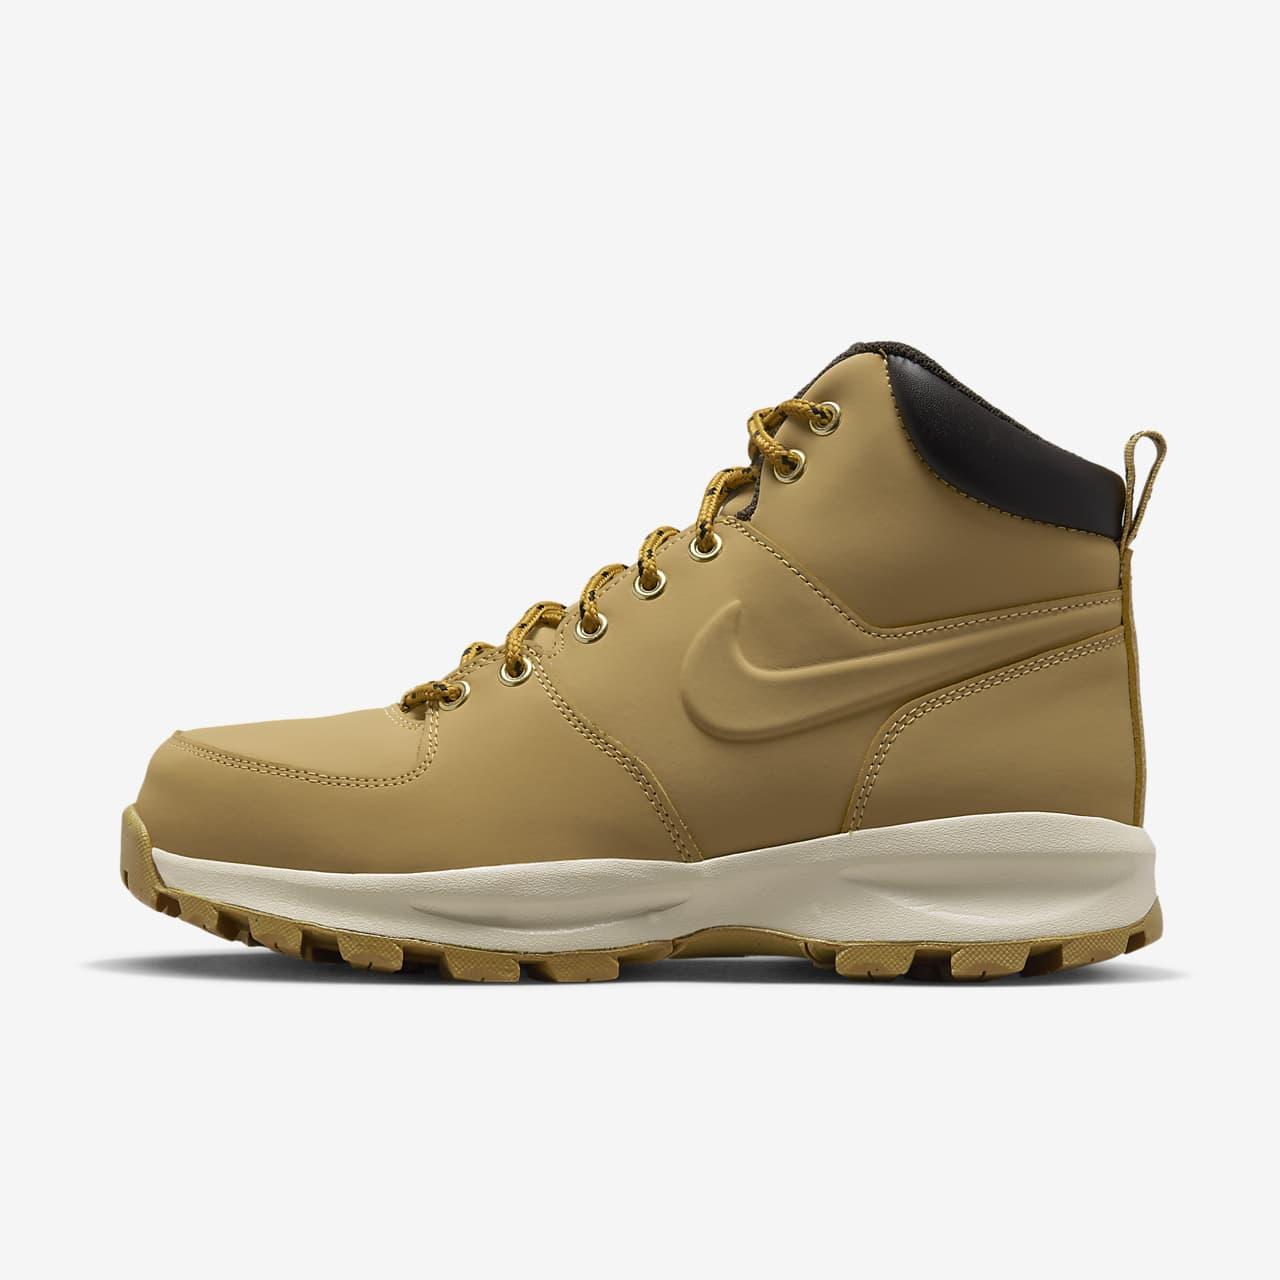 online store 7811f bb04e ... Sko Nike Manoa för män